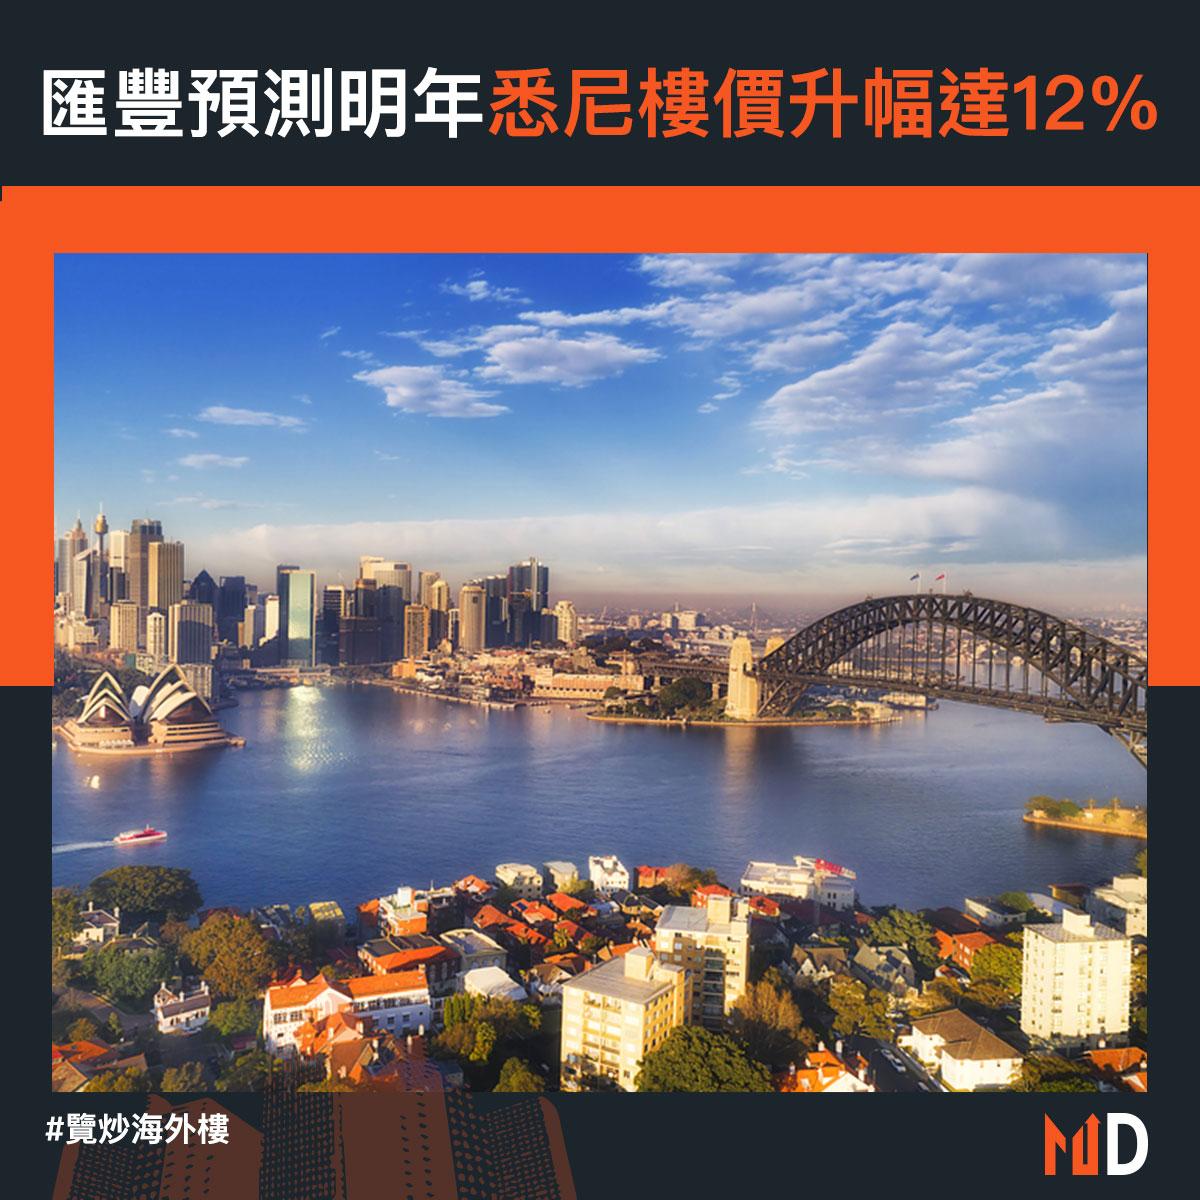 【覽炒海外樓】滙豐預測明年悉尼樓價升幅達12%